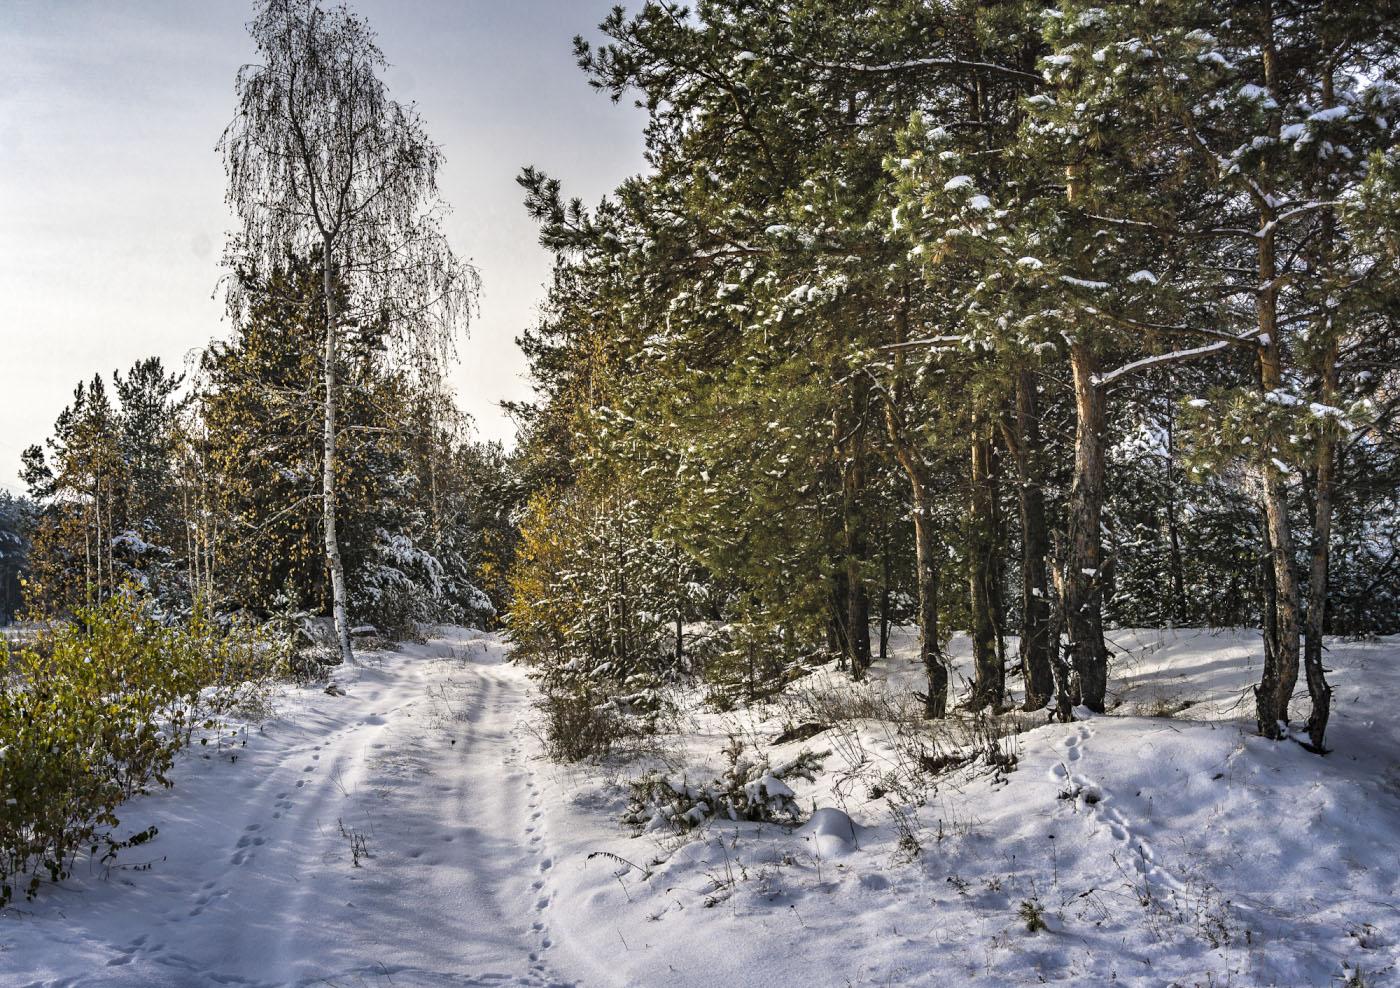 Фото 4. Зимний пейзаж на беззеркалку Sony A6000 с КИТовым объективом Sony 16-50mm f/3.5-5.6. Параметры съемки: 1/320, -1.0, 11.0, 100, 25.